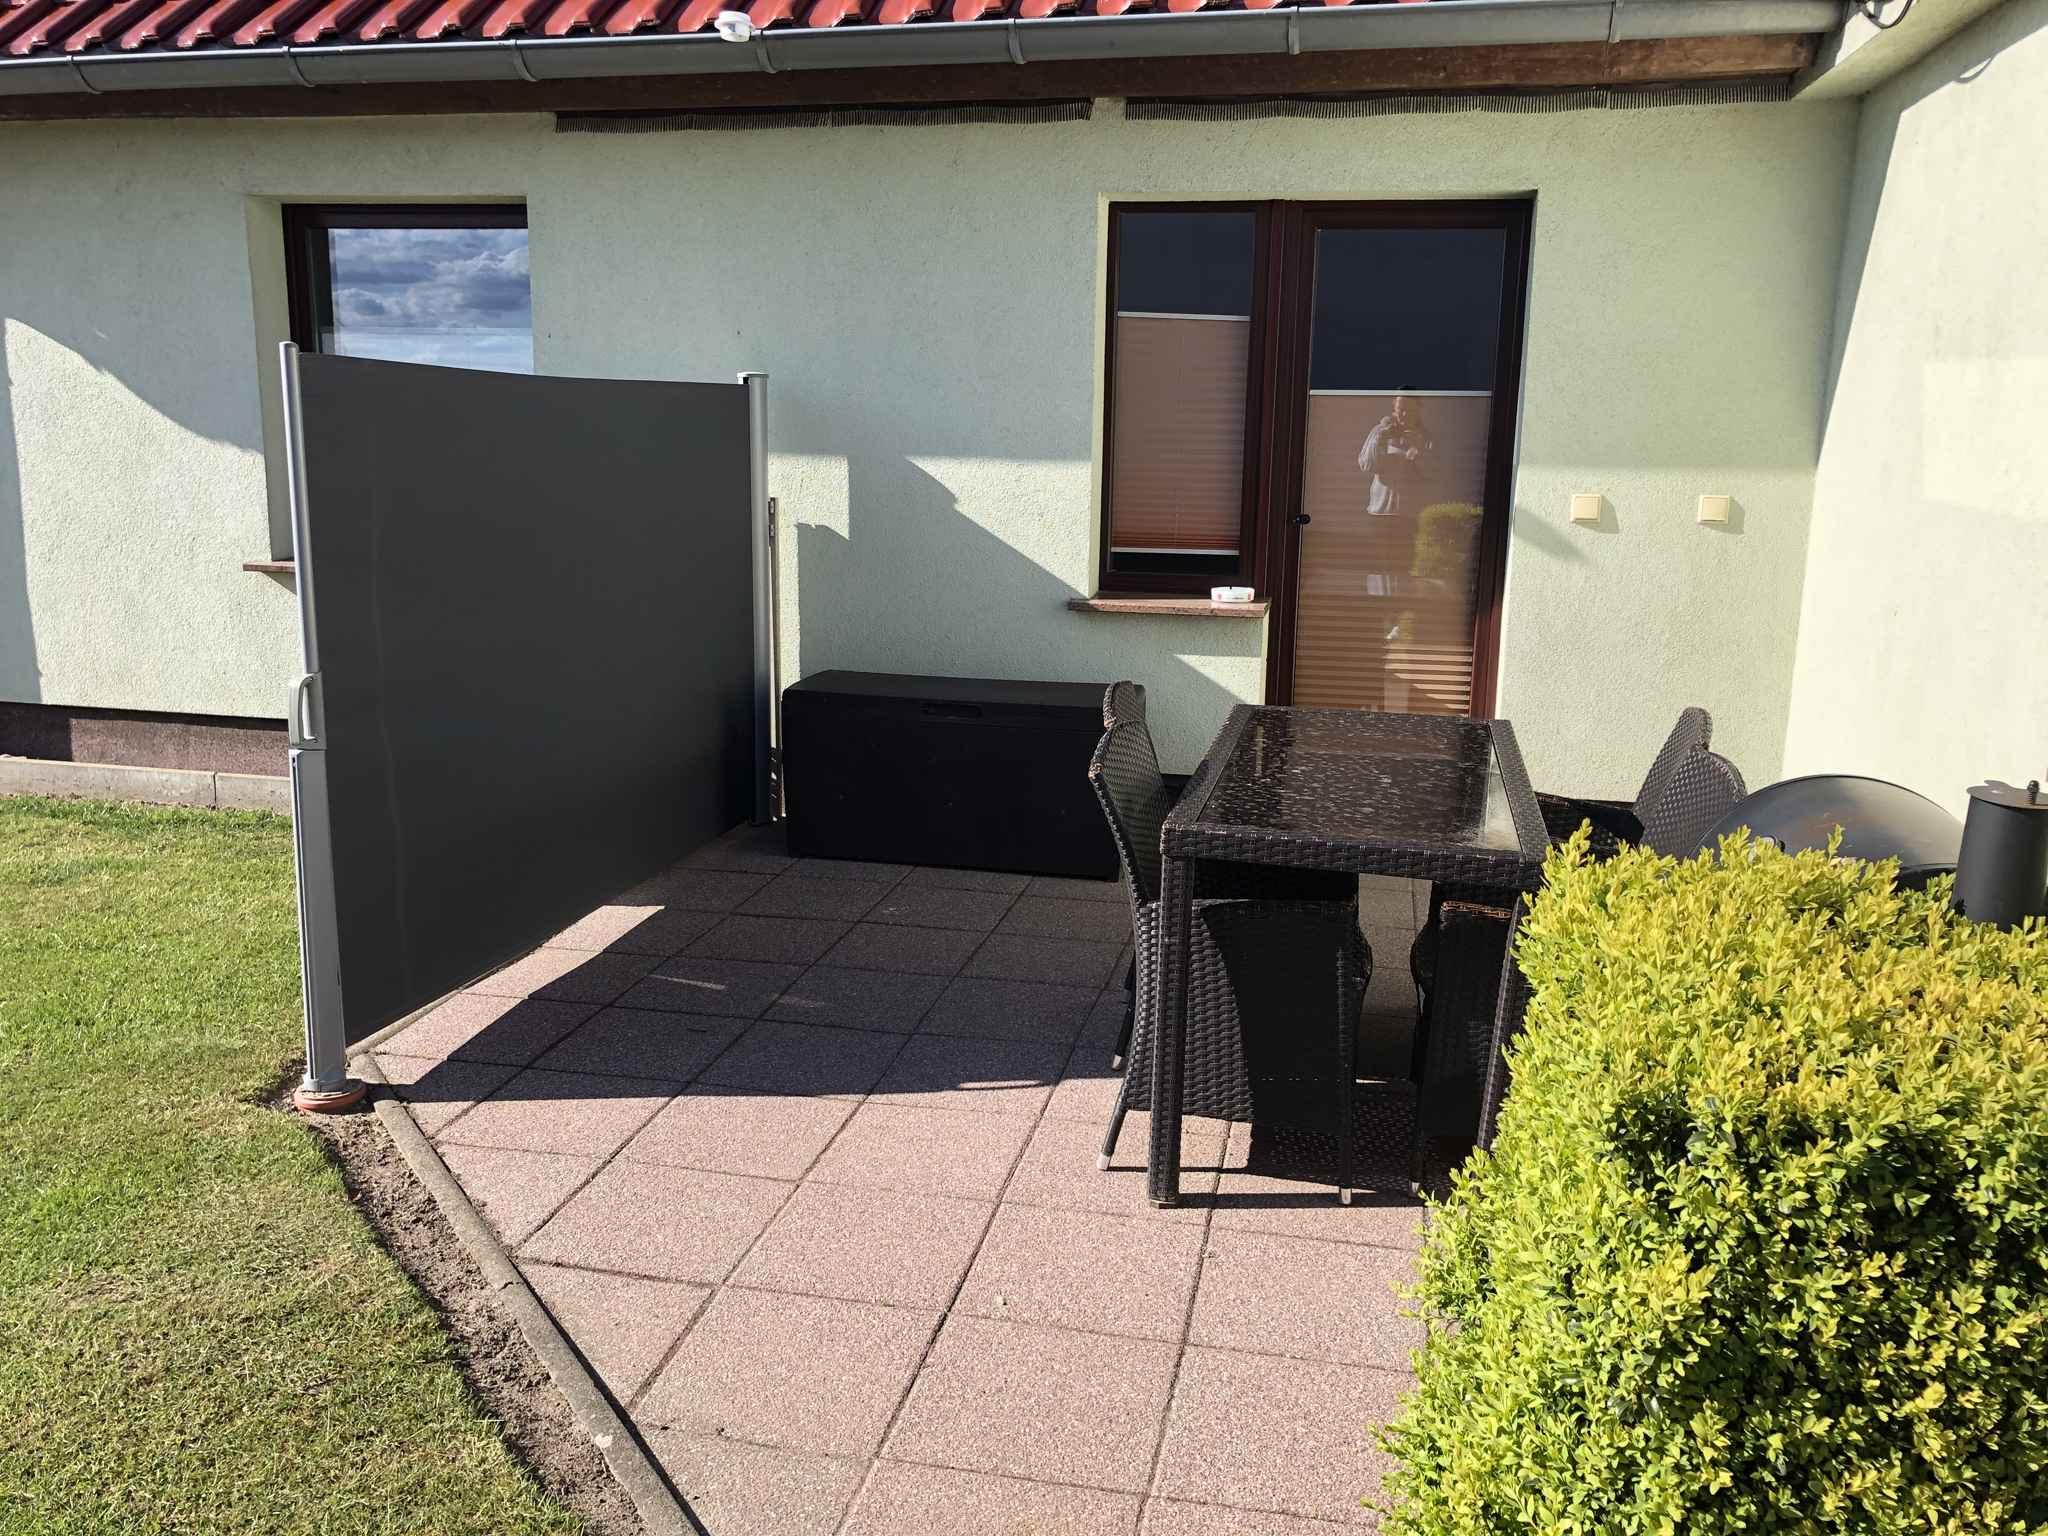 Ferienhaus mit Terrasse und Garten (345206), Zirkow, Rügen, Mecklenburg-Vorpommern, Deutschland, Bild 4